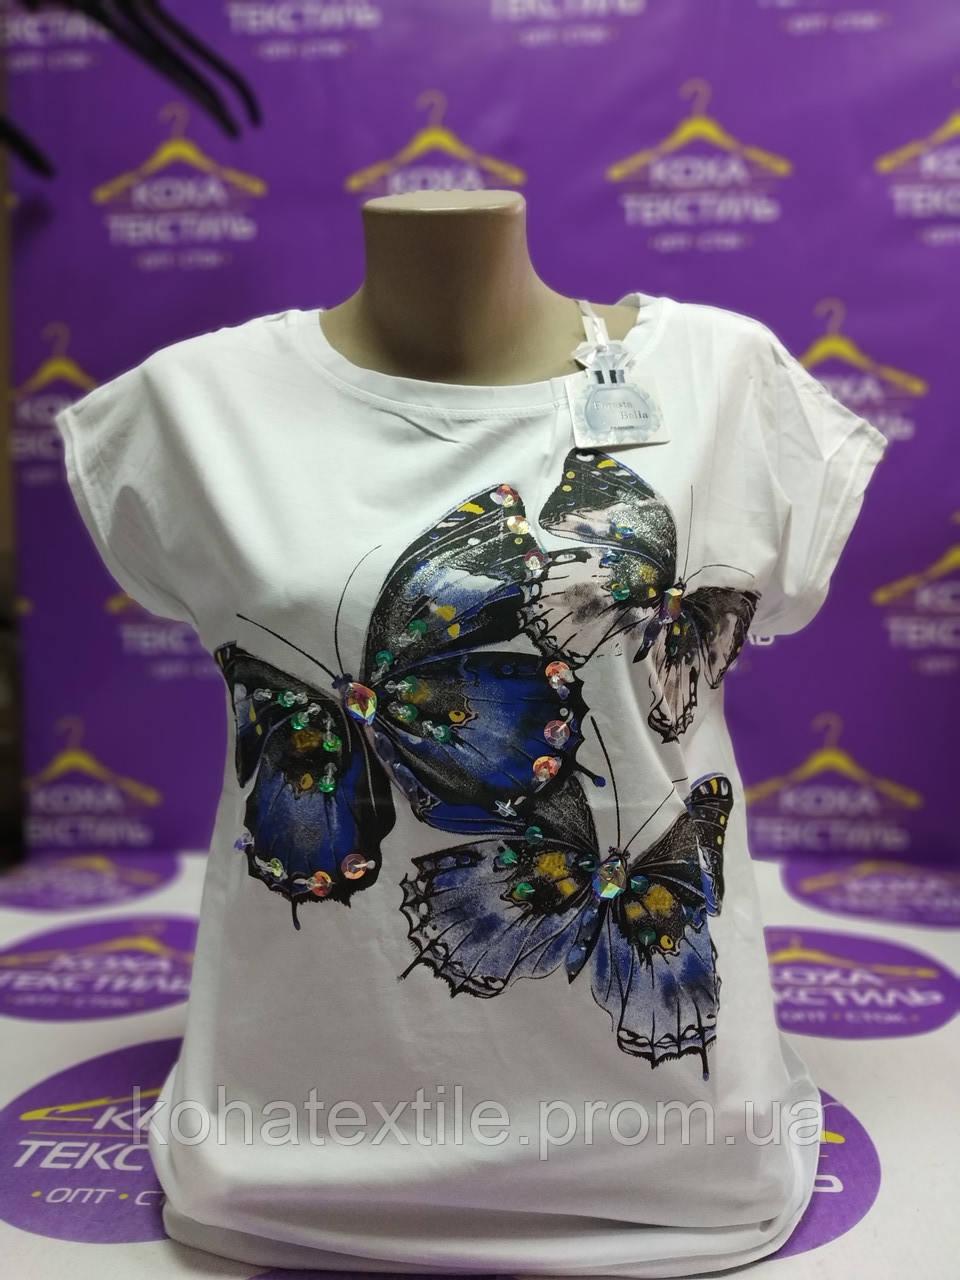 Женские футболки Lindsay Moda Италия 7 е\шт